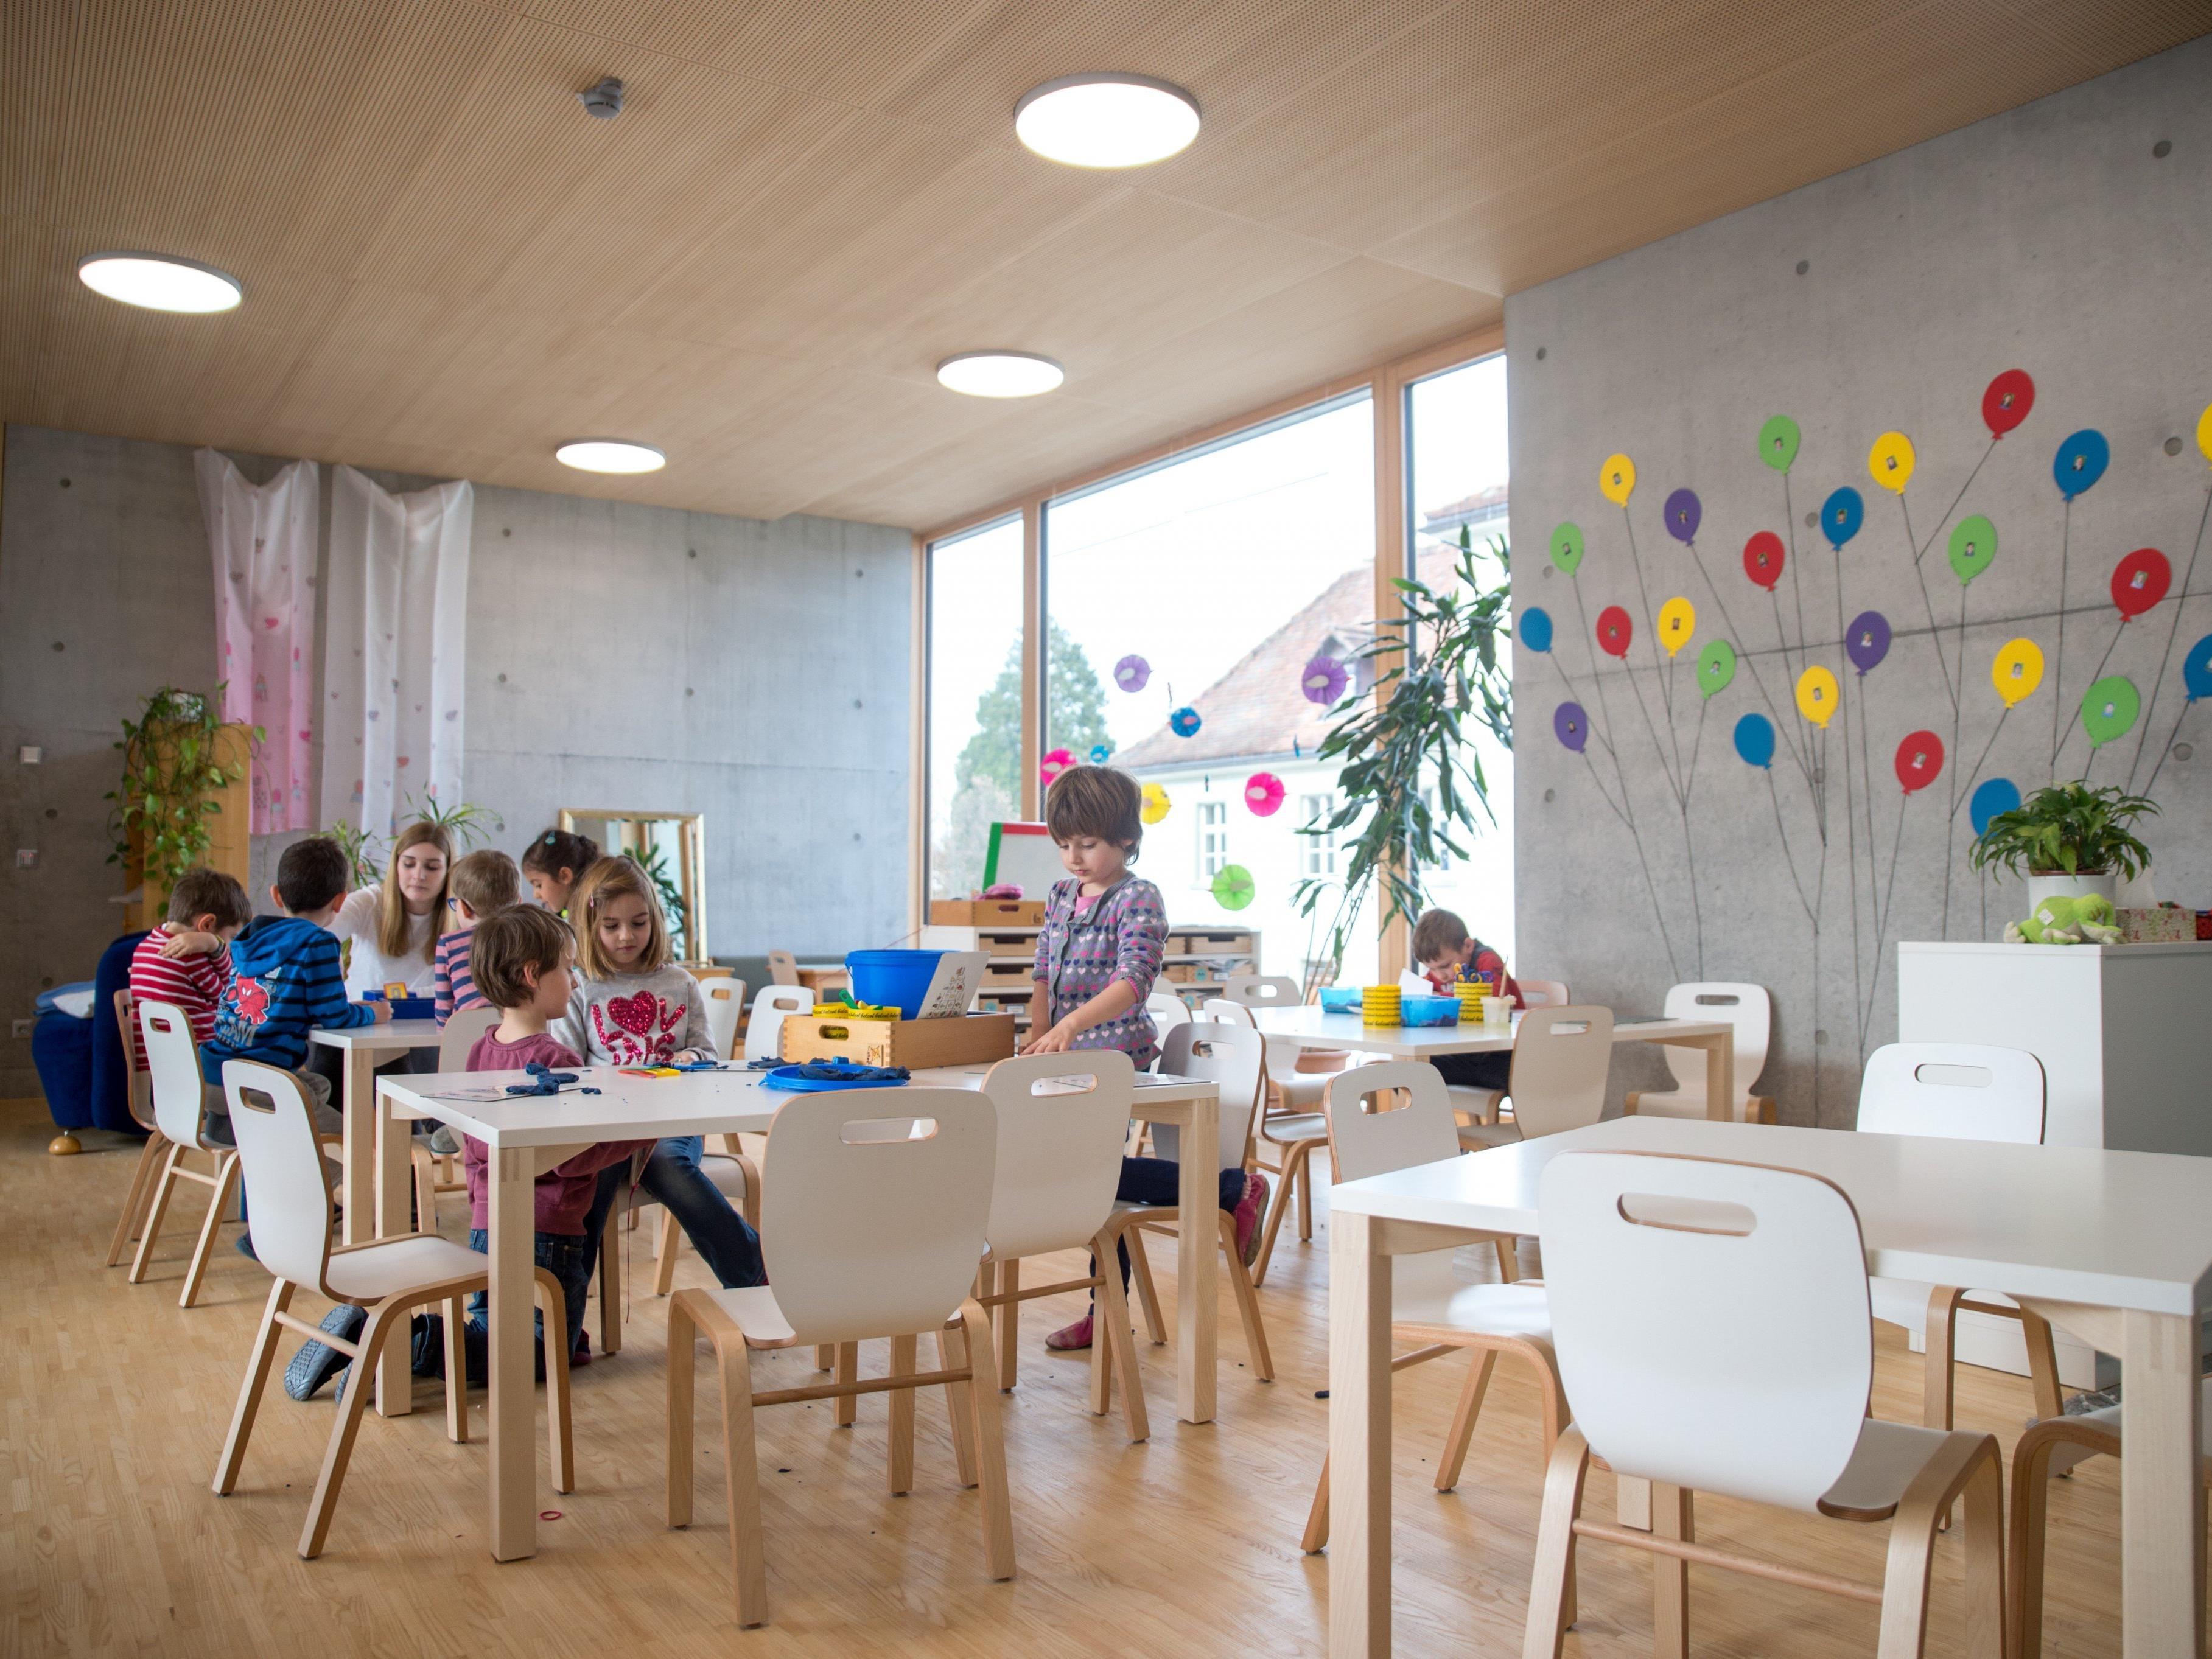 Kindergärten und Volksschulen machen sich Sorgen um Personalmangel und fehlenden Nachwuchs.